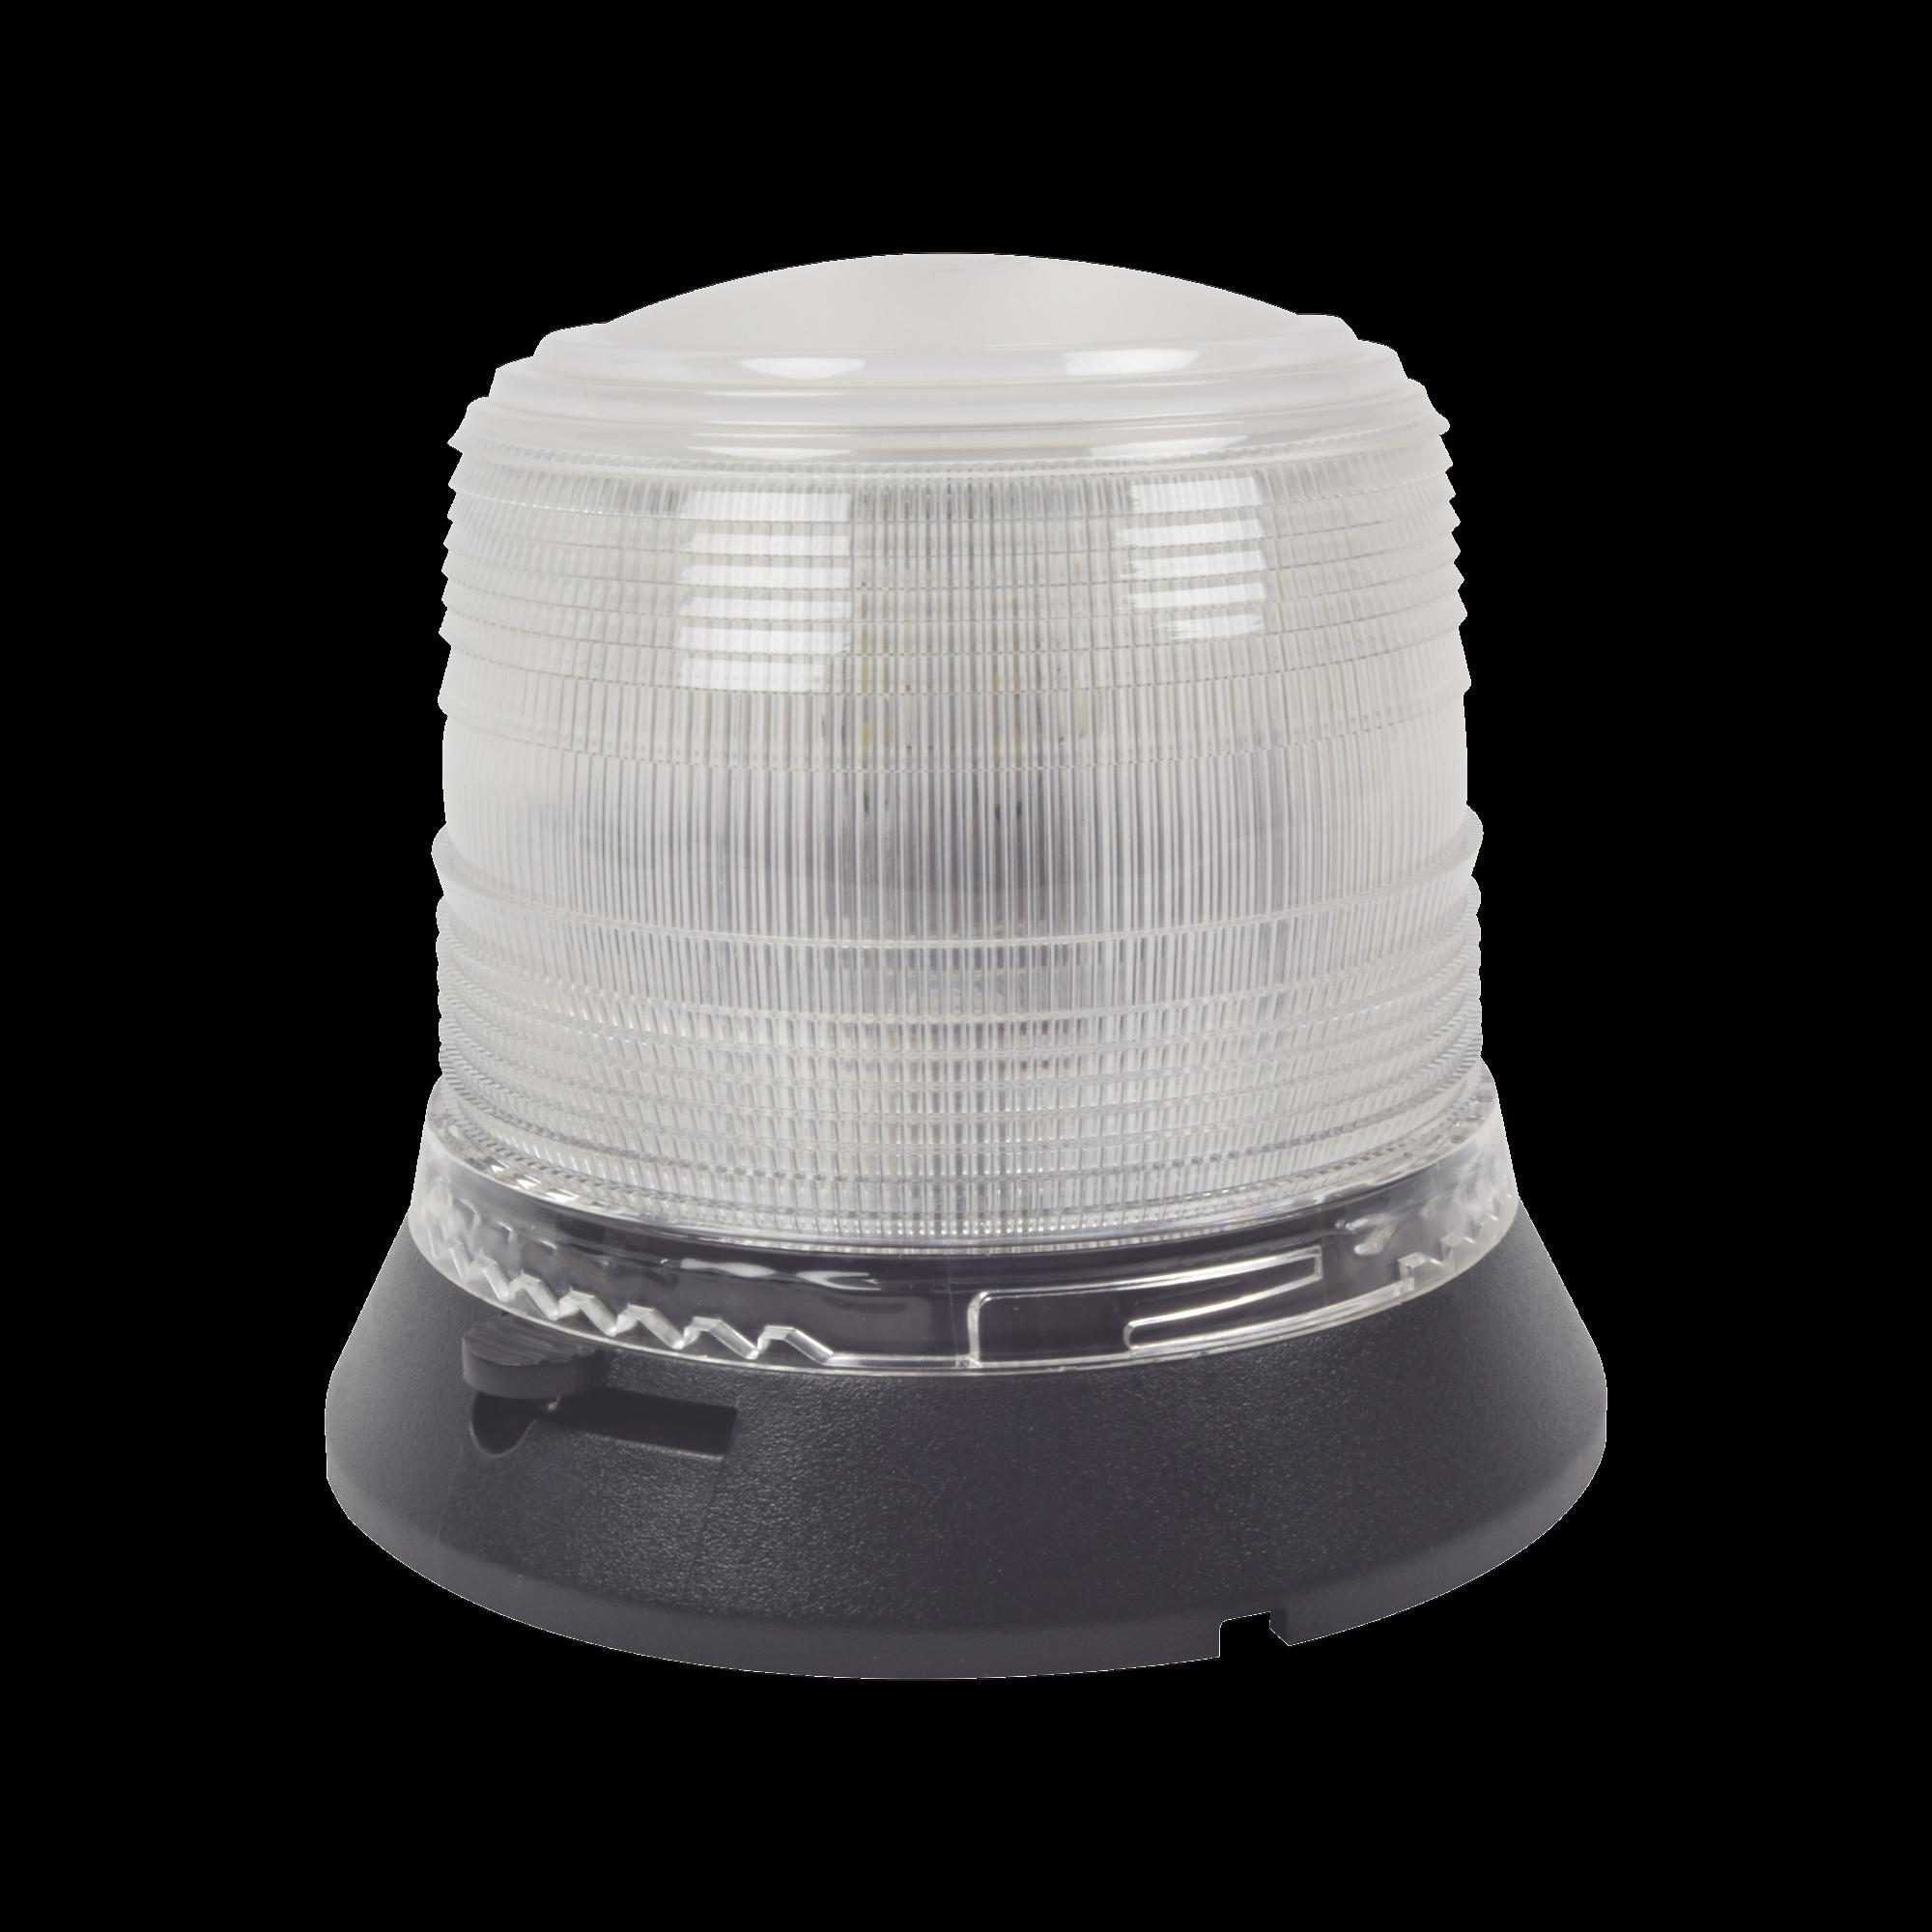 Burbuja Brillante de 6 LEDs, Color Claro con Montaje Magnético